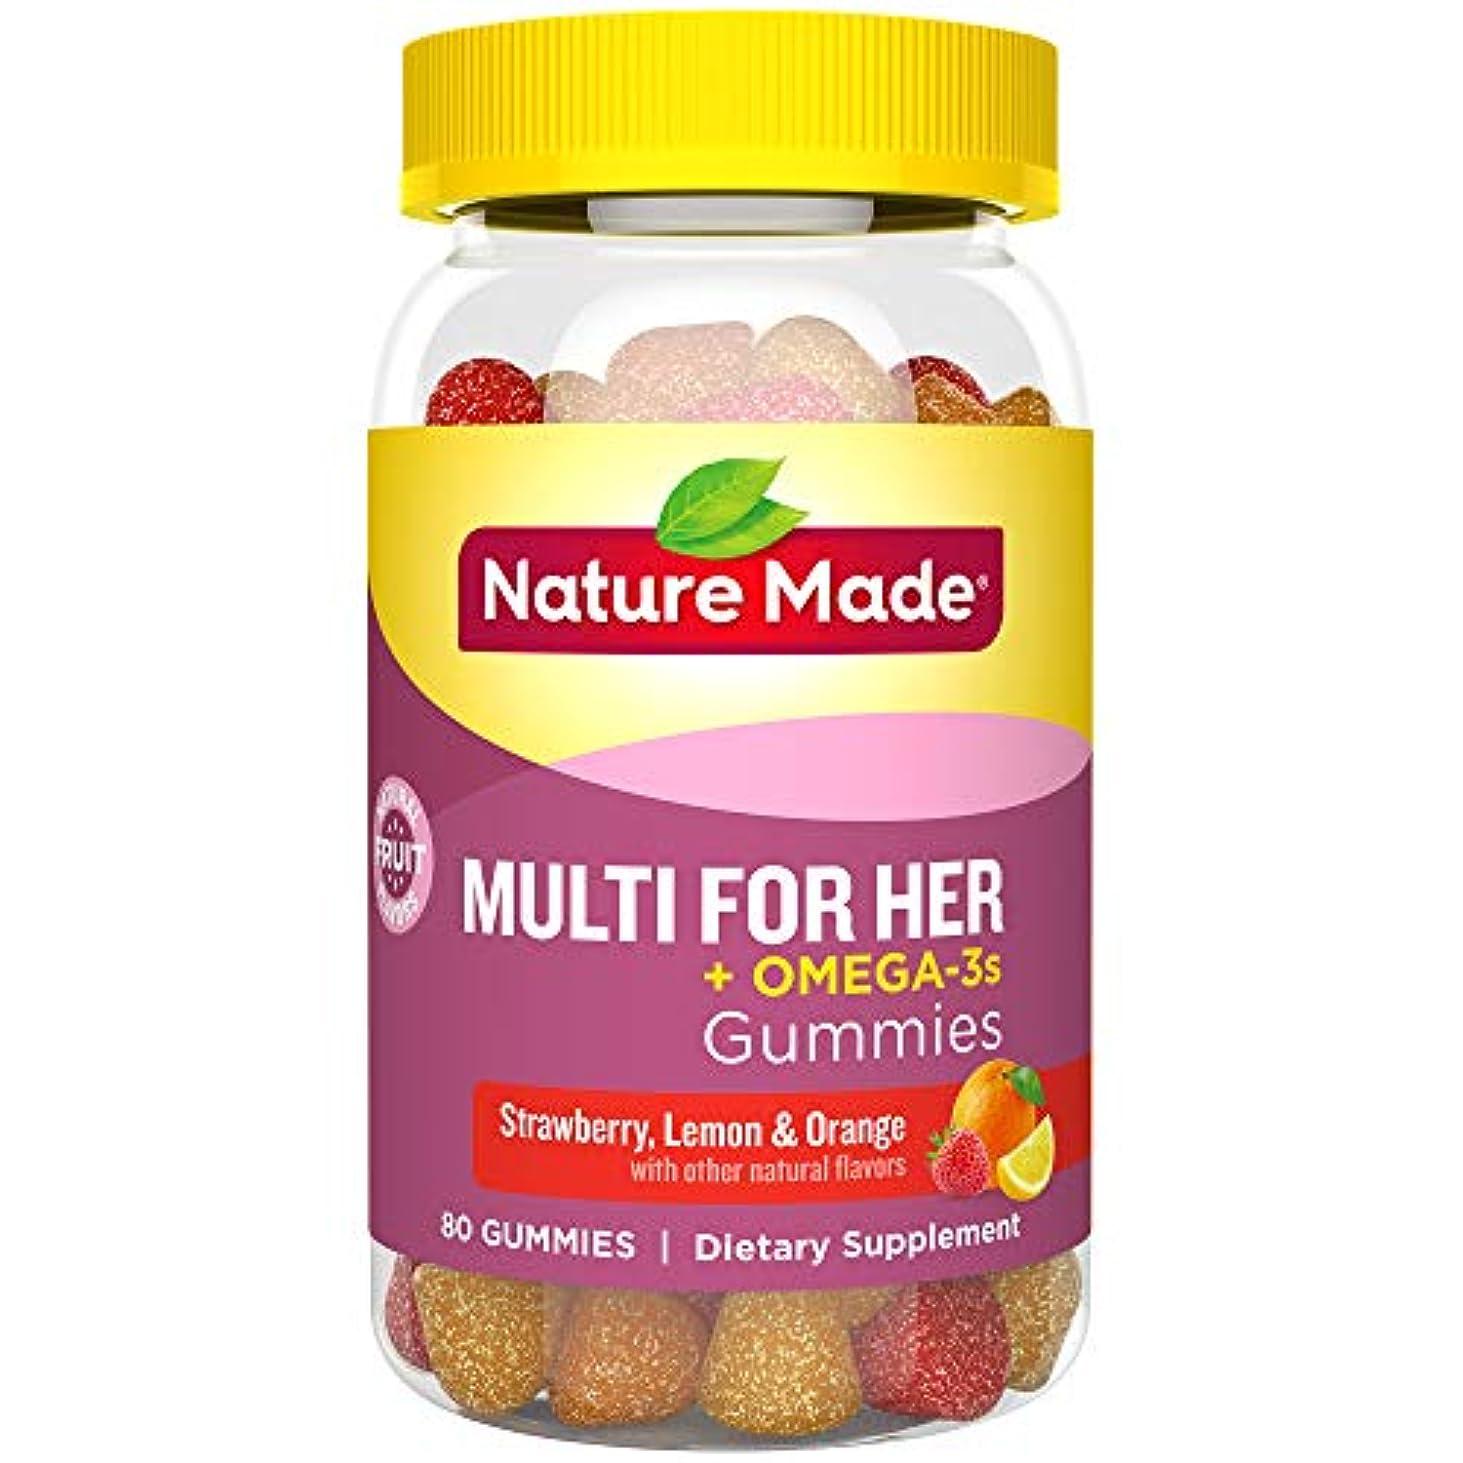 機関車粘性の反抗Nature Made Multi for Her + Omega-3 Adult Gummies EPA and DHA 80Gummies